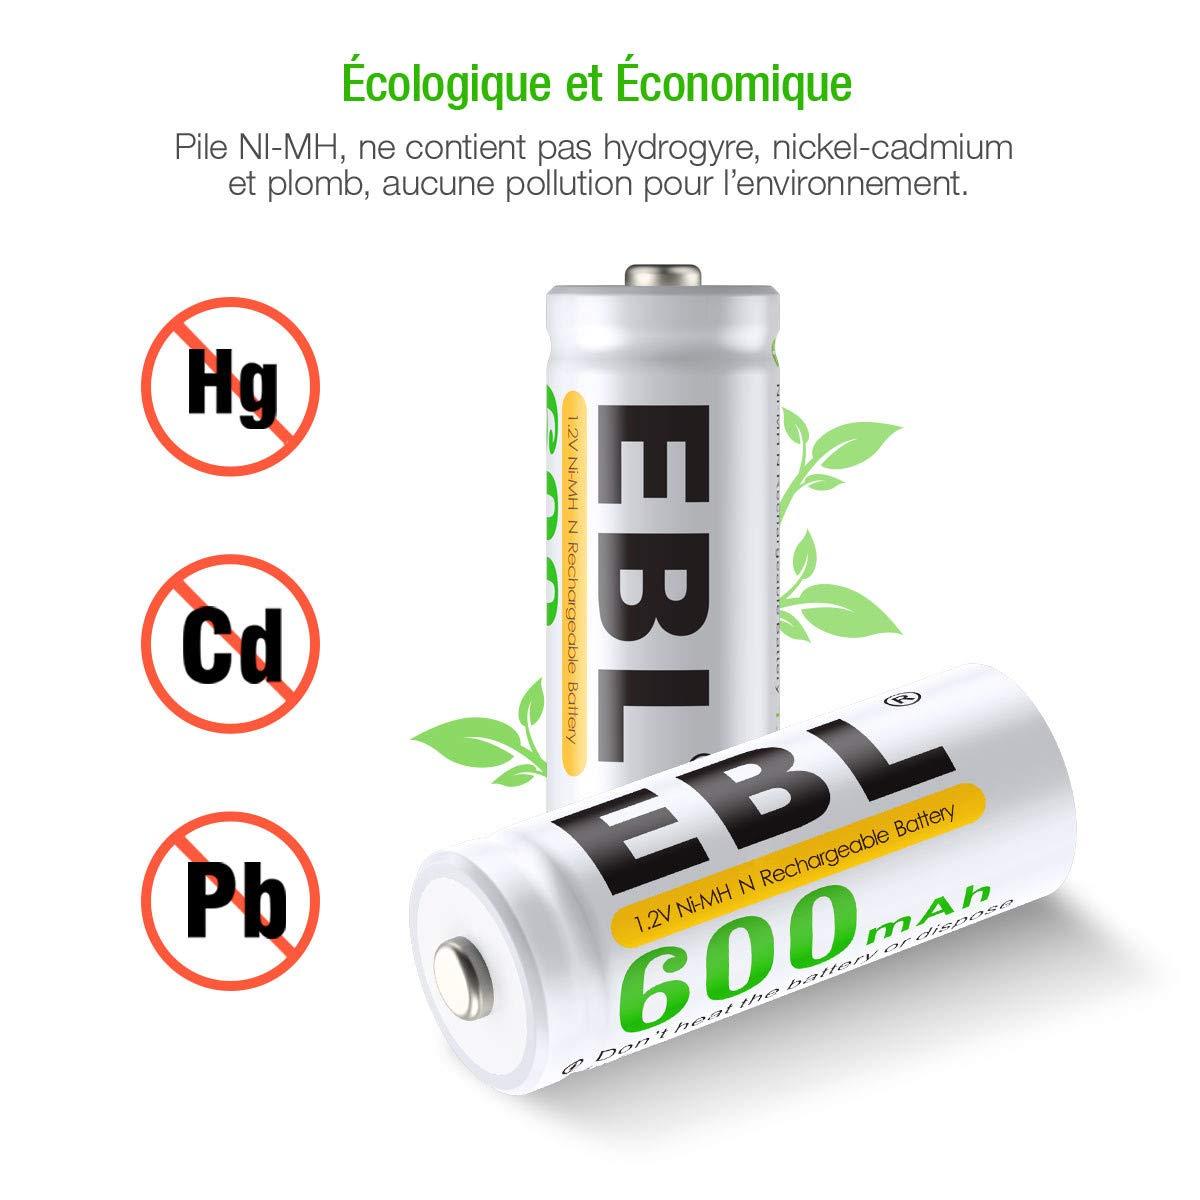 EBL Lot de 4 Type N Piles Rechargeables 600mAh NI-MH LR1/ E90/ MN9100 pour Sonnerie, Lampe de Poche, Jouet, etc. avec Boîte de Rangement